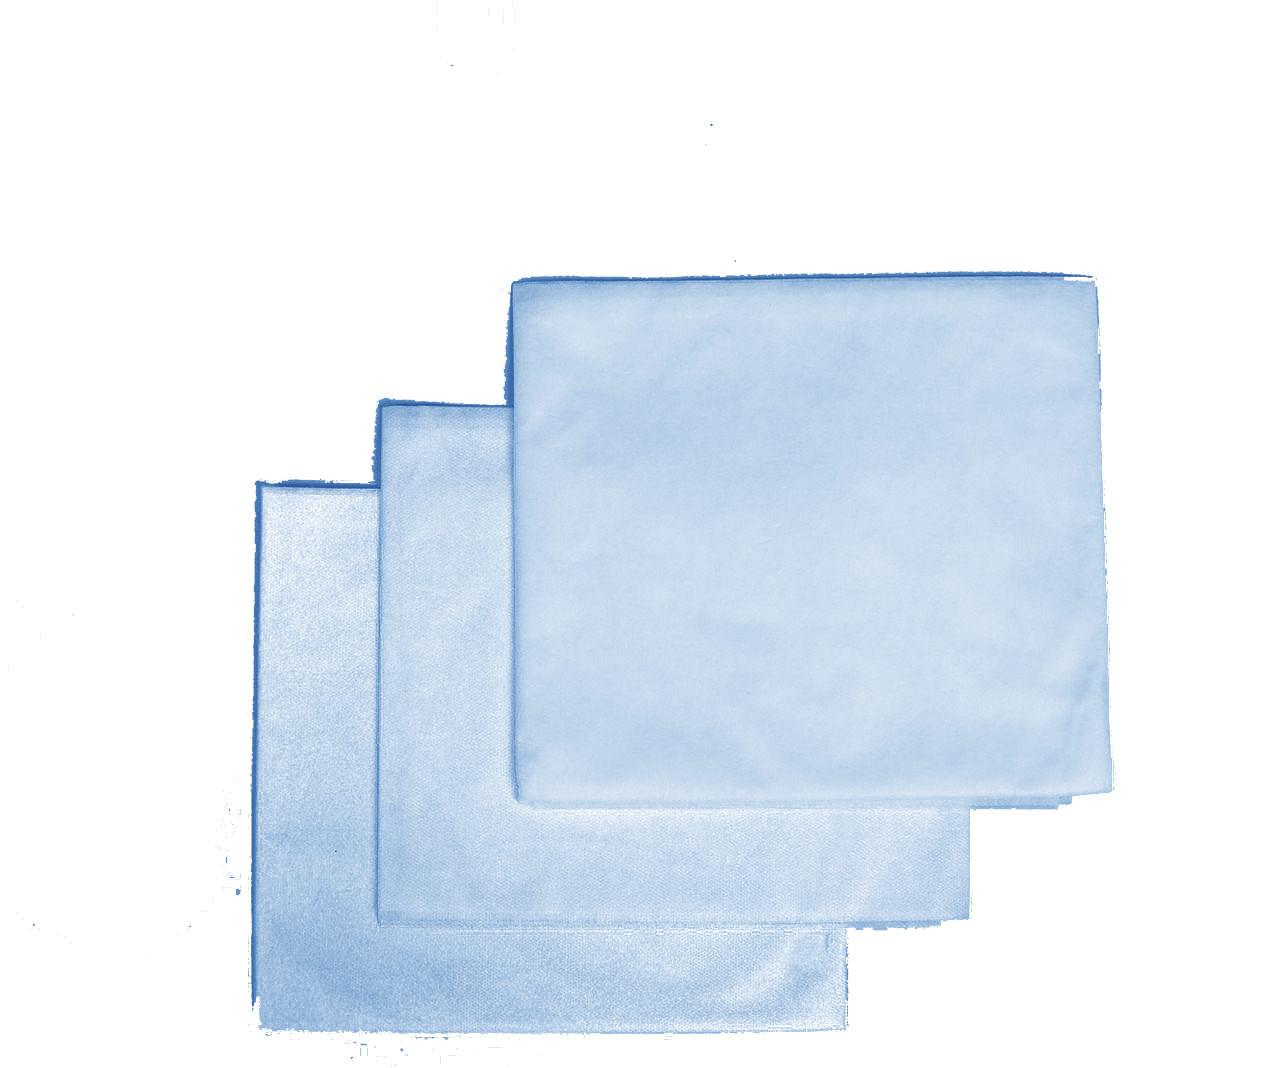 Пеленки одноразовые 0,8*1,0 м Polix PRO&MED со спанбонда 25г/м2 (10шт/уп.) 100 ШТ 10 УП Голубые